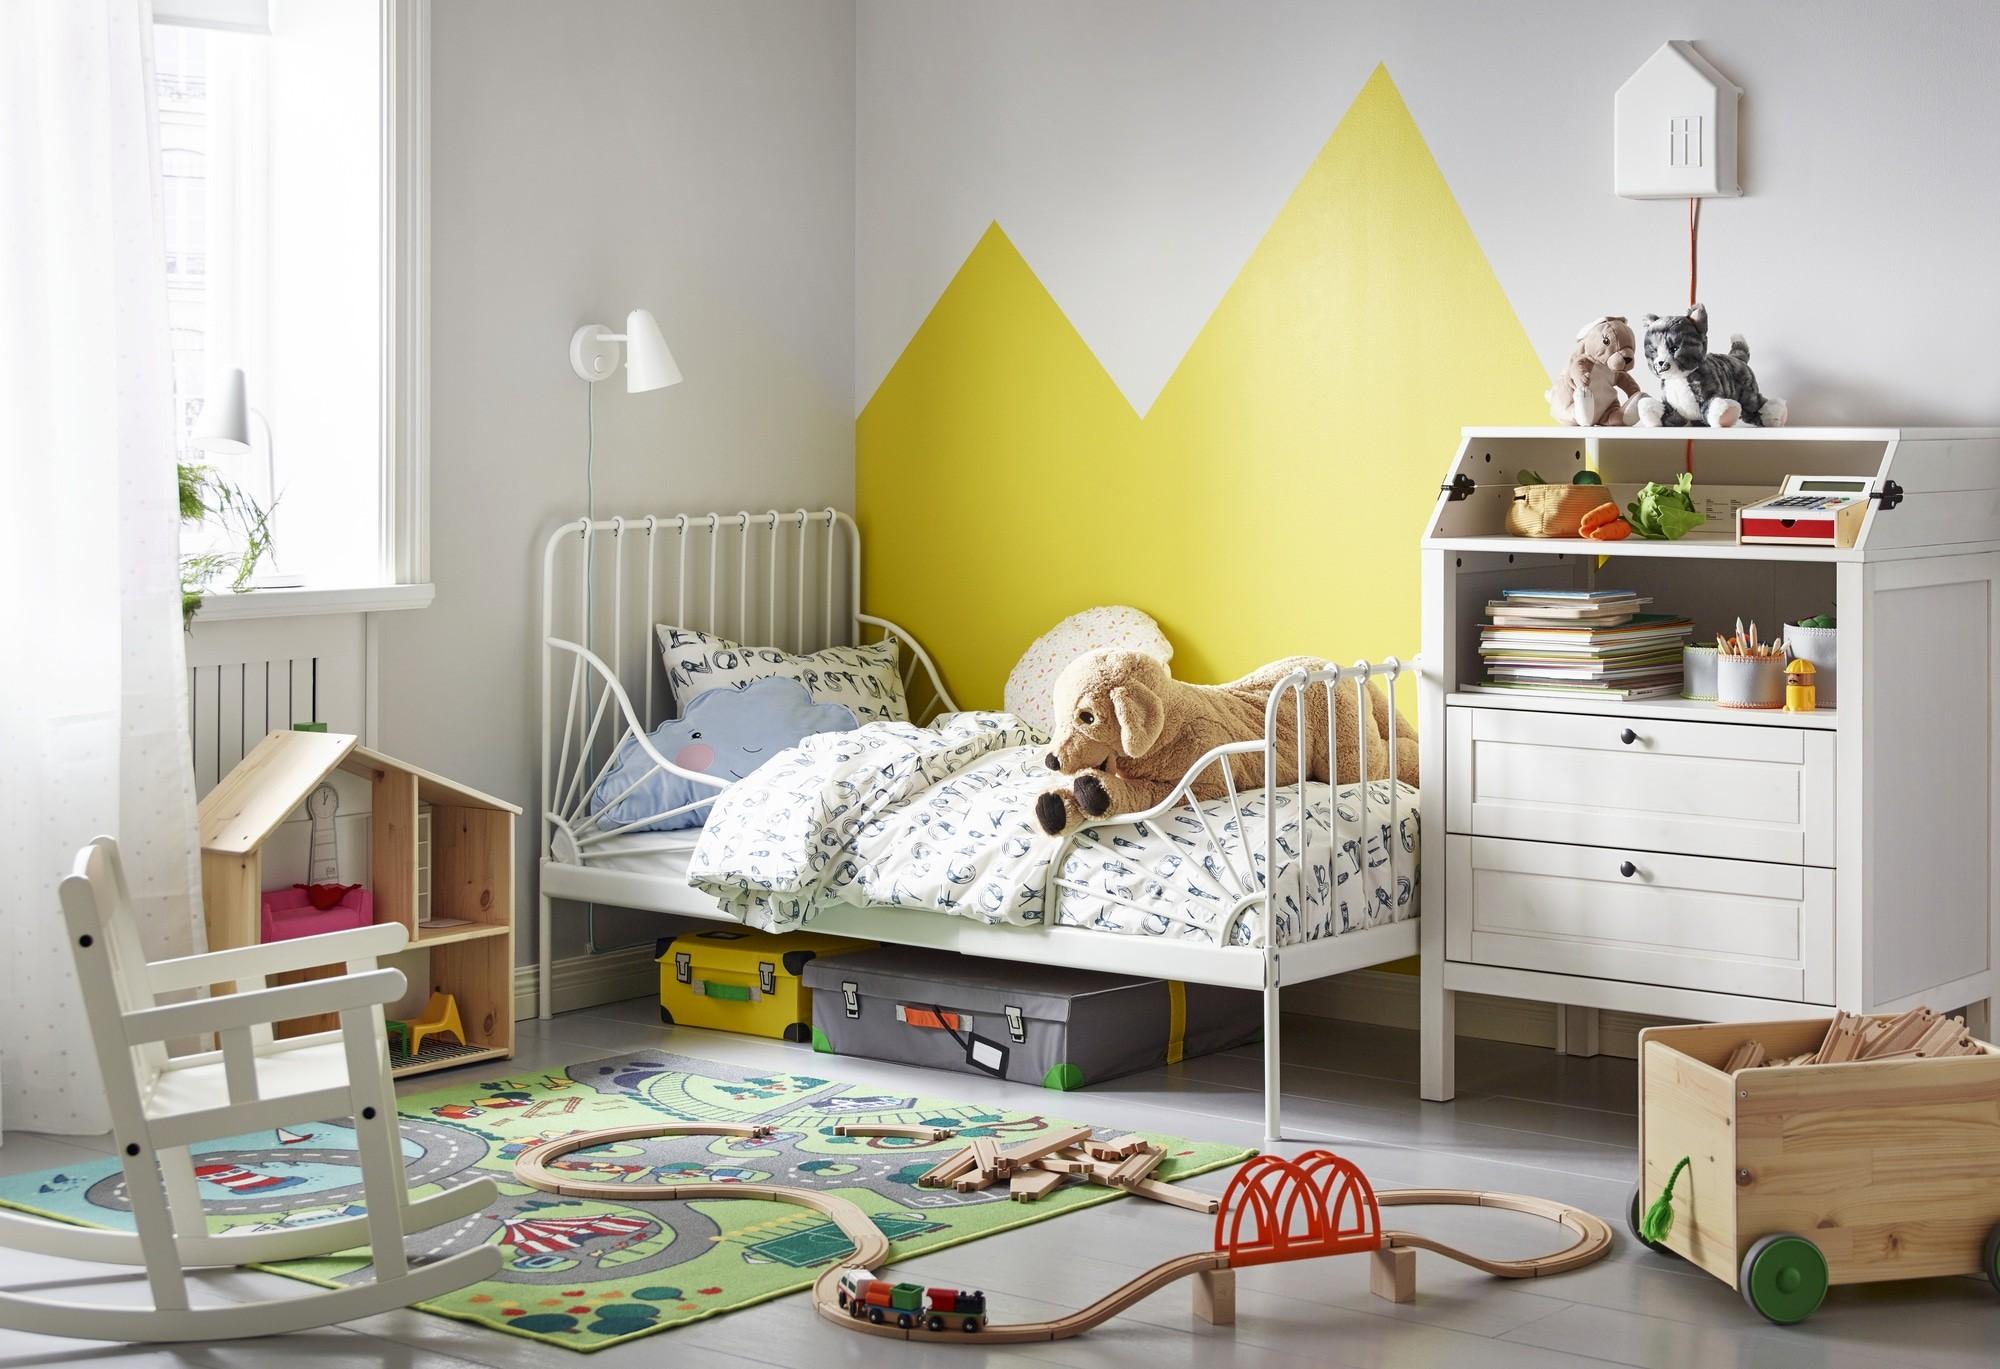 desain kamar tidur minimalis ikea salurkan furnitur bekas dengan ikea removal service living loving untuk desain kamar tidur minimalis ikea